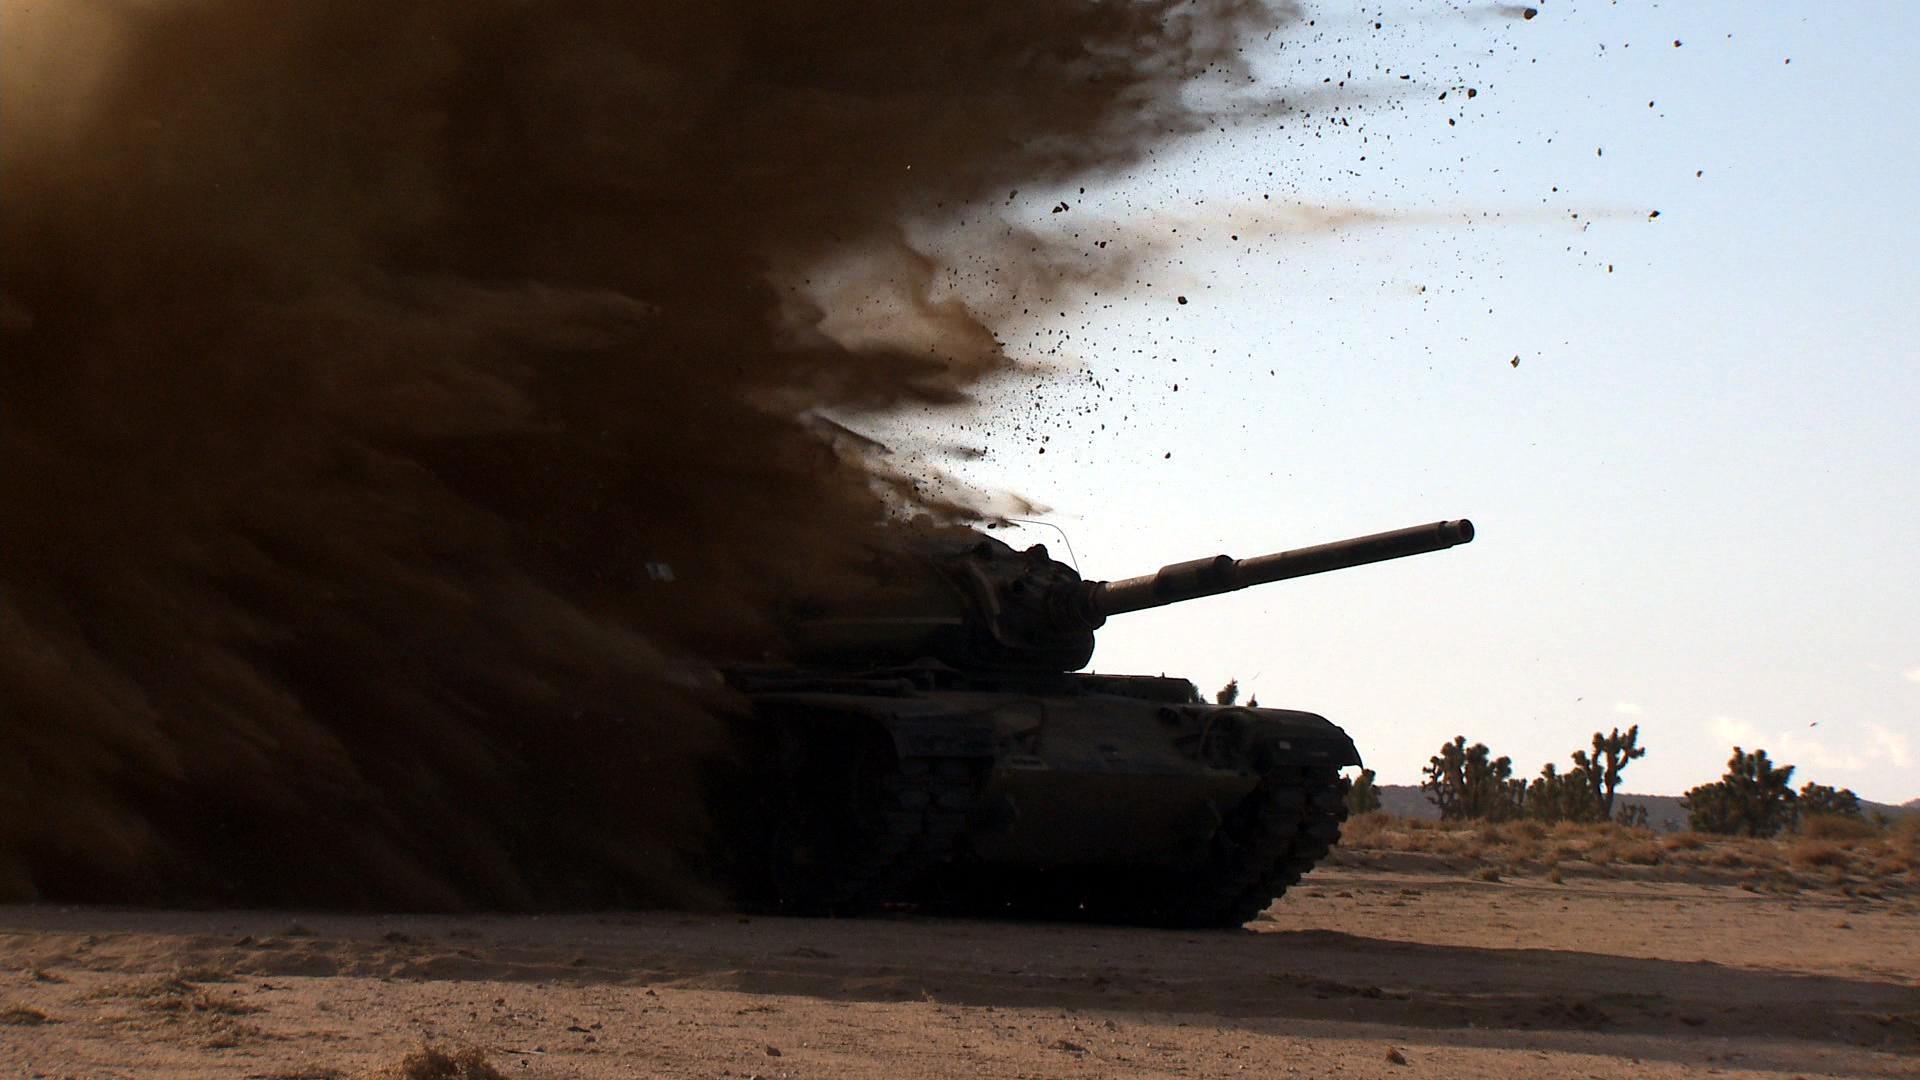 任性美军:F-35投弹试验直接砸向真坦克